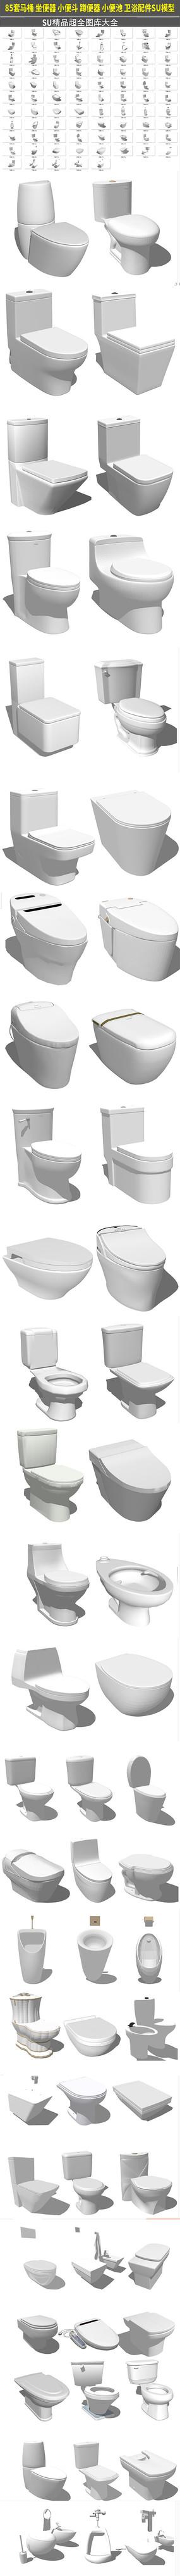 马桶坐便器小便池卫浴配件模型 skp